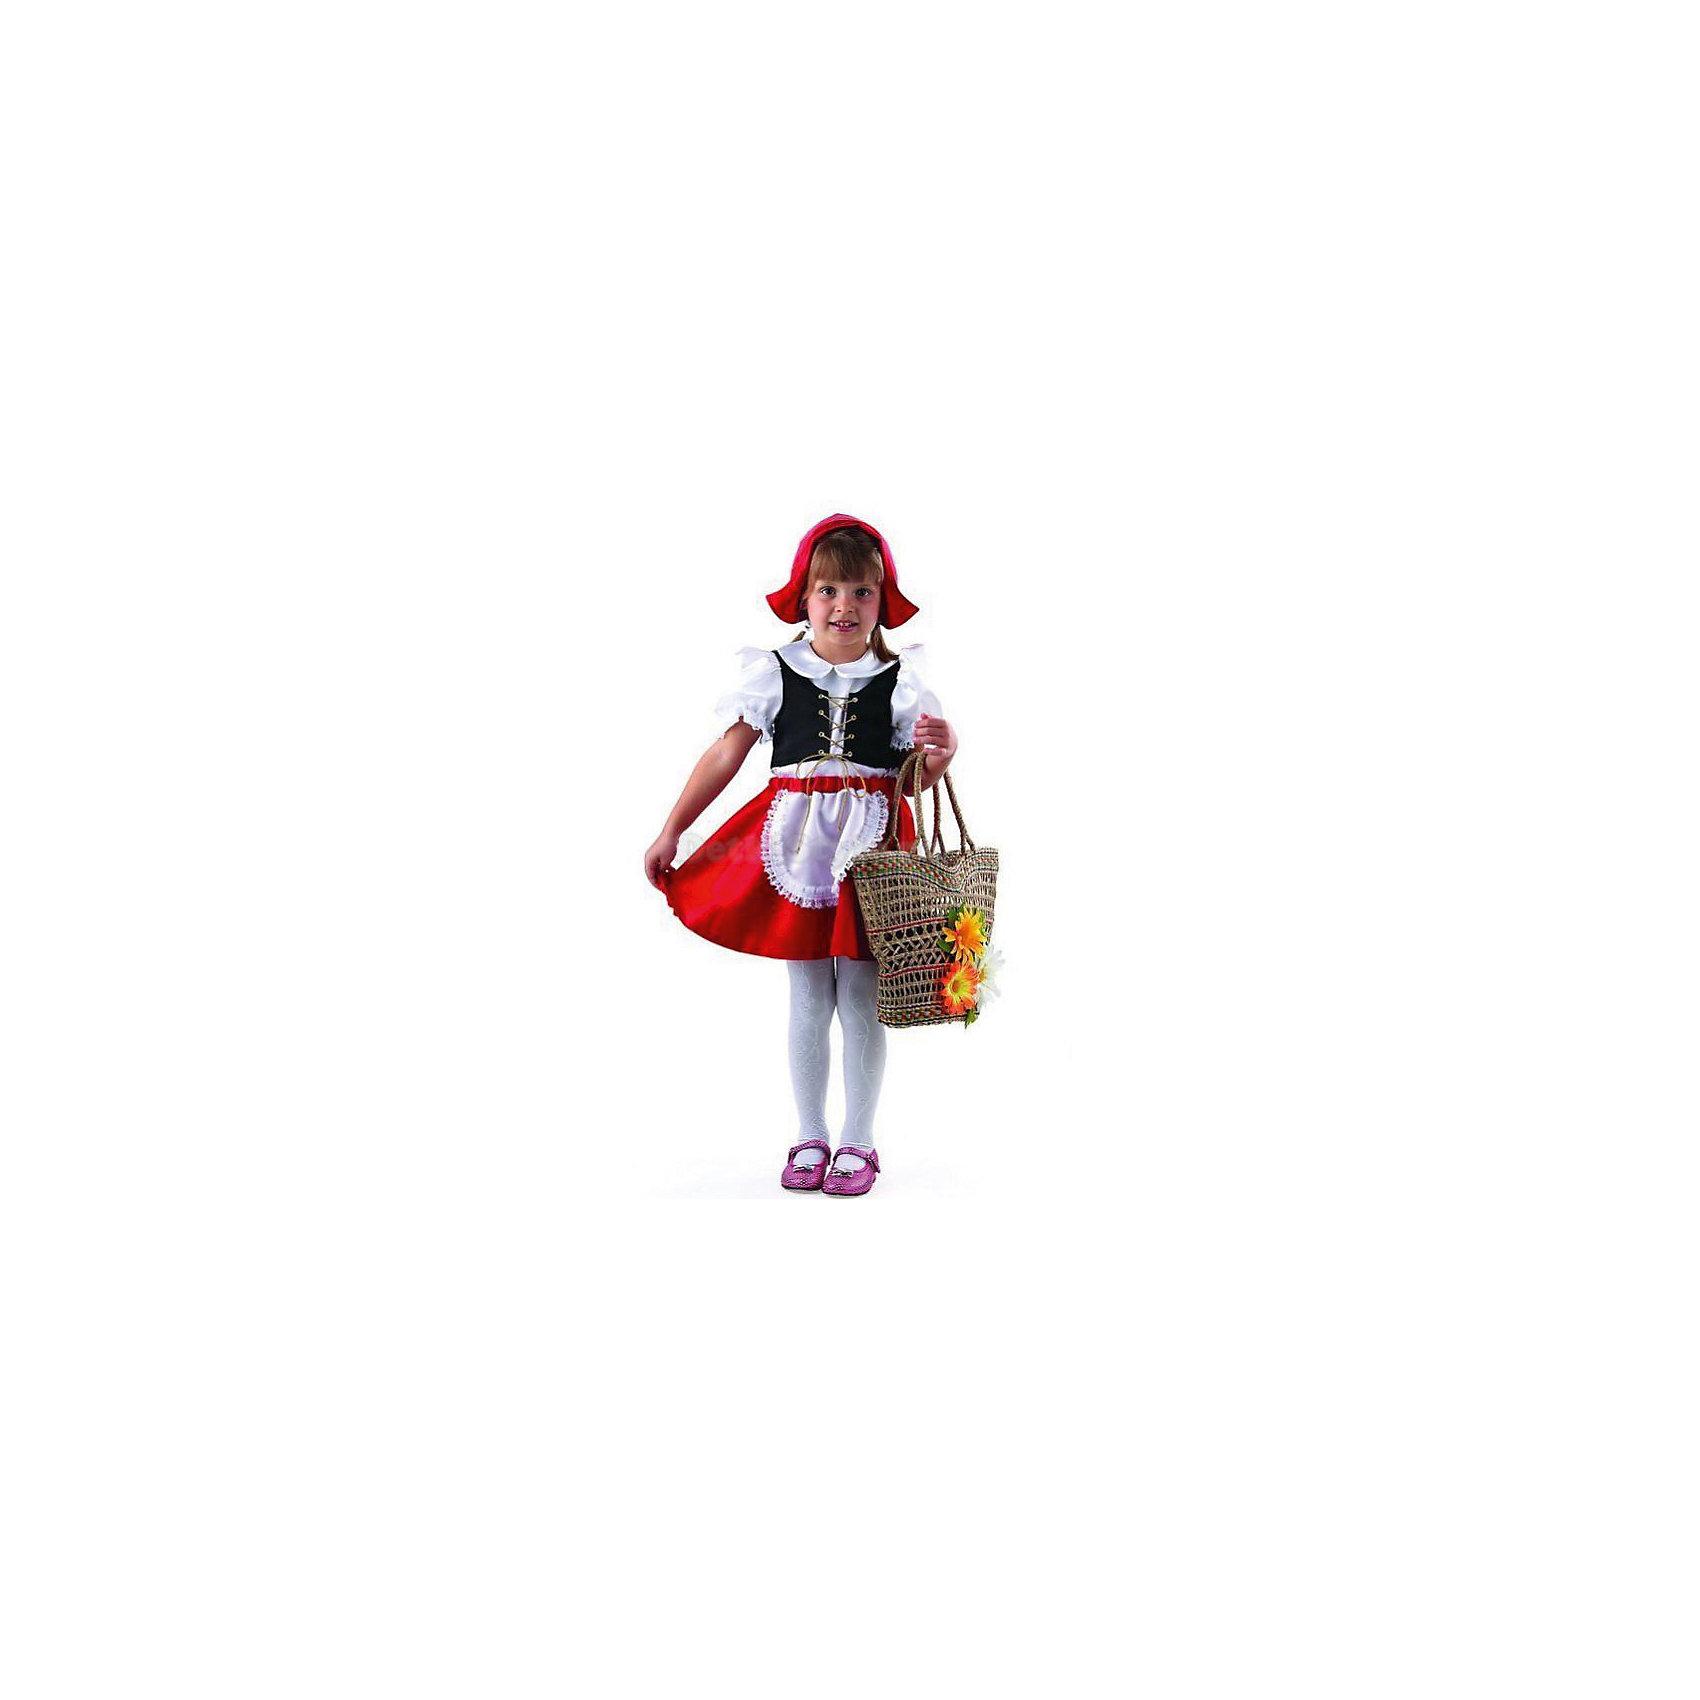 Карнавальный костюм Красная шапочка, БатикКарнавальный костюм Красная шапочка, Батик<br><br>Характеристики:<br><br>• Материал: бархат, шелк.<br>• Цвет: белый, красный, черный.<br><br>В комплекте:<br><br>• белая блузка;<br>• черный жилет;<br>• юбка с фартуком;<br>• красная шапочка. <br><br>Ваша девочка любит сказки? Тогда этот костюм для неё! В комплект входят белая блузка с черным жилетом, красной юбкой с  беленьким фартуком, отделанным кружевной тесьмой и красной шапочкой. Такой костюм можно использовать на новогодних утренниках, а также как театральный костюм. В таком костюме «Красная шапочка» ваша девочка получит максимальное удовольствие от праздника и подарит радость окружающим!<br><br>Карнавальный костюм Красная шапочка, Батик можно купить в нашем интернет – магазине.<br><br>Ширина мм: 500<br>Глубина мм: 50<br>Высота мм: 700<br>Вес г: 600<br>Цвет: разноцветный<br>Возраст от месяцев: 48<br>Возраст до месяцев: 60<br>Пол: Женский<br>Возраст: Детский<br>Размер: 28,32,30<br>SKU: 5092579